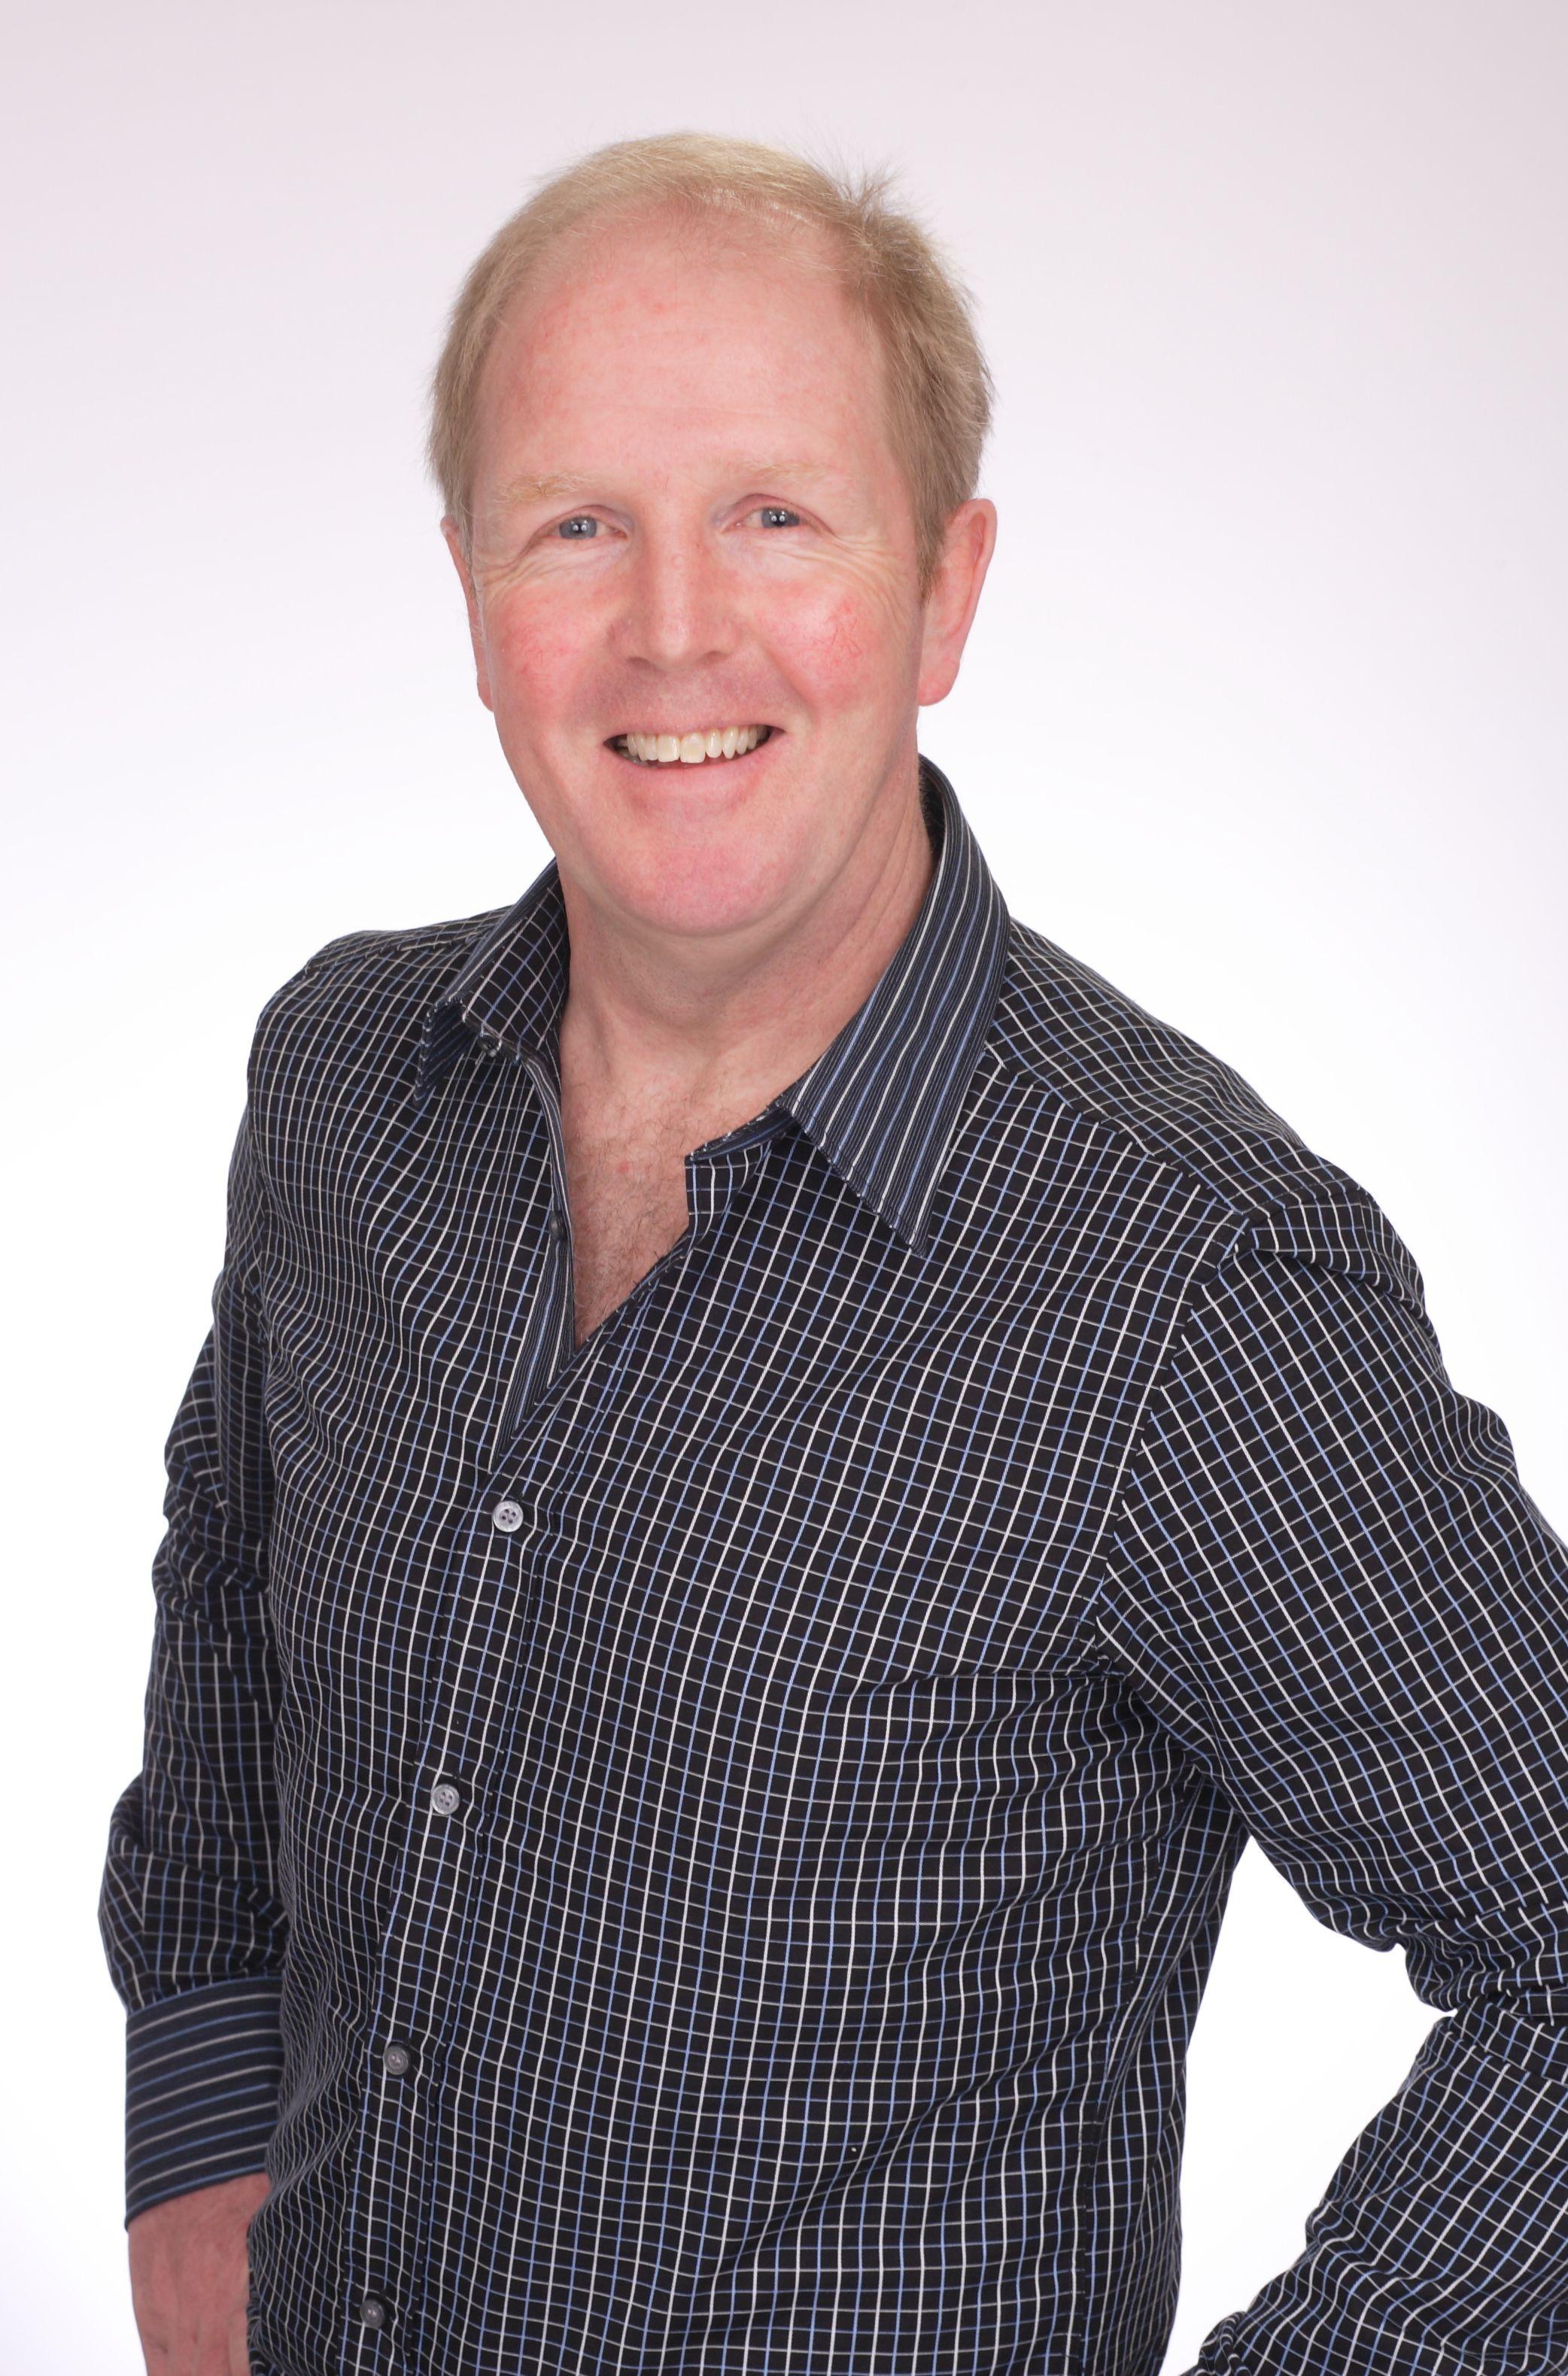 Rich Morrison